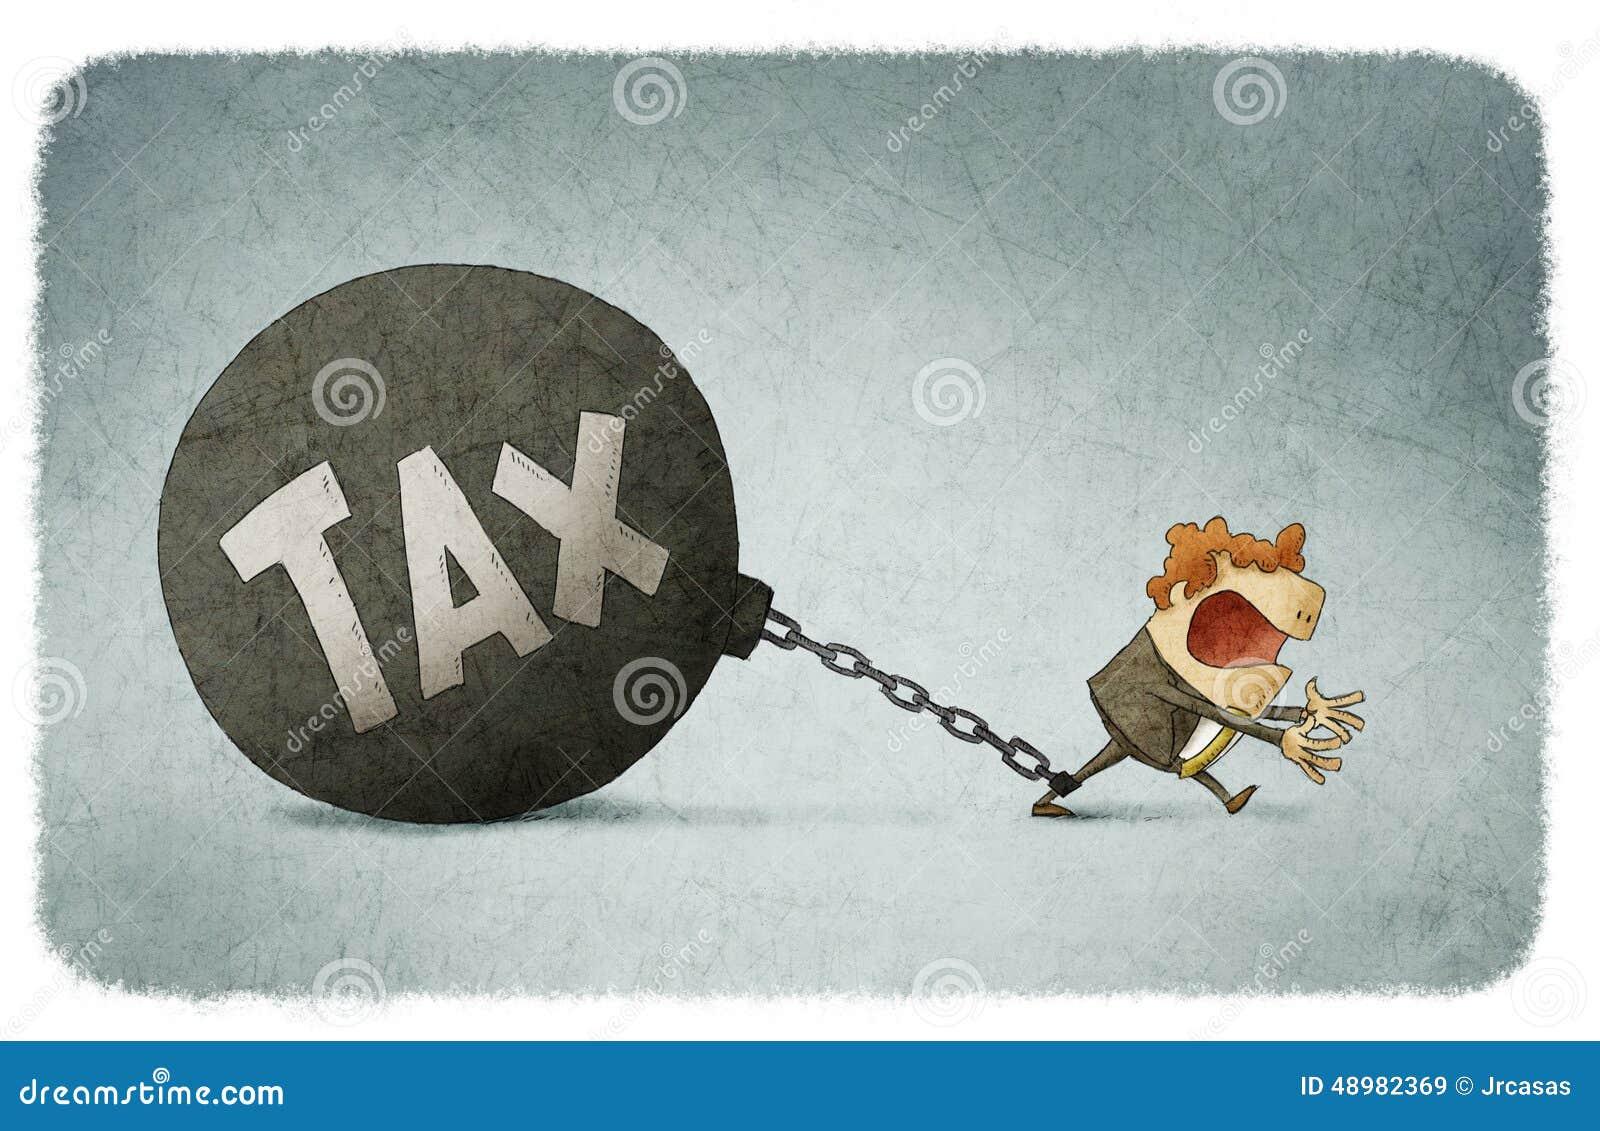 Acorrentado aos impostos